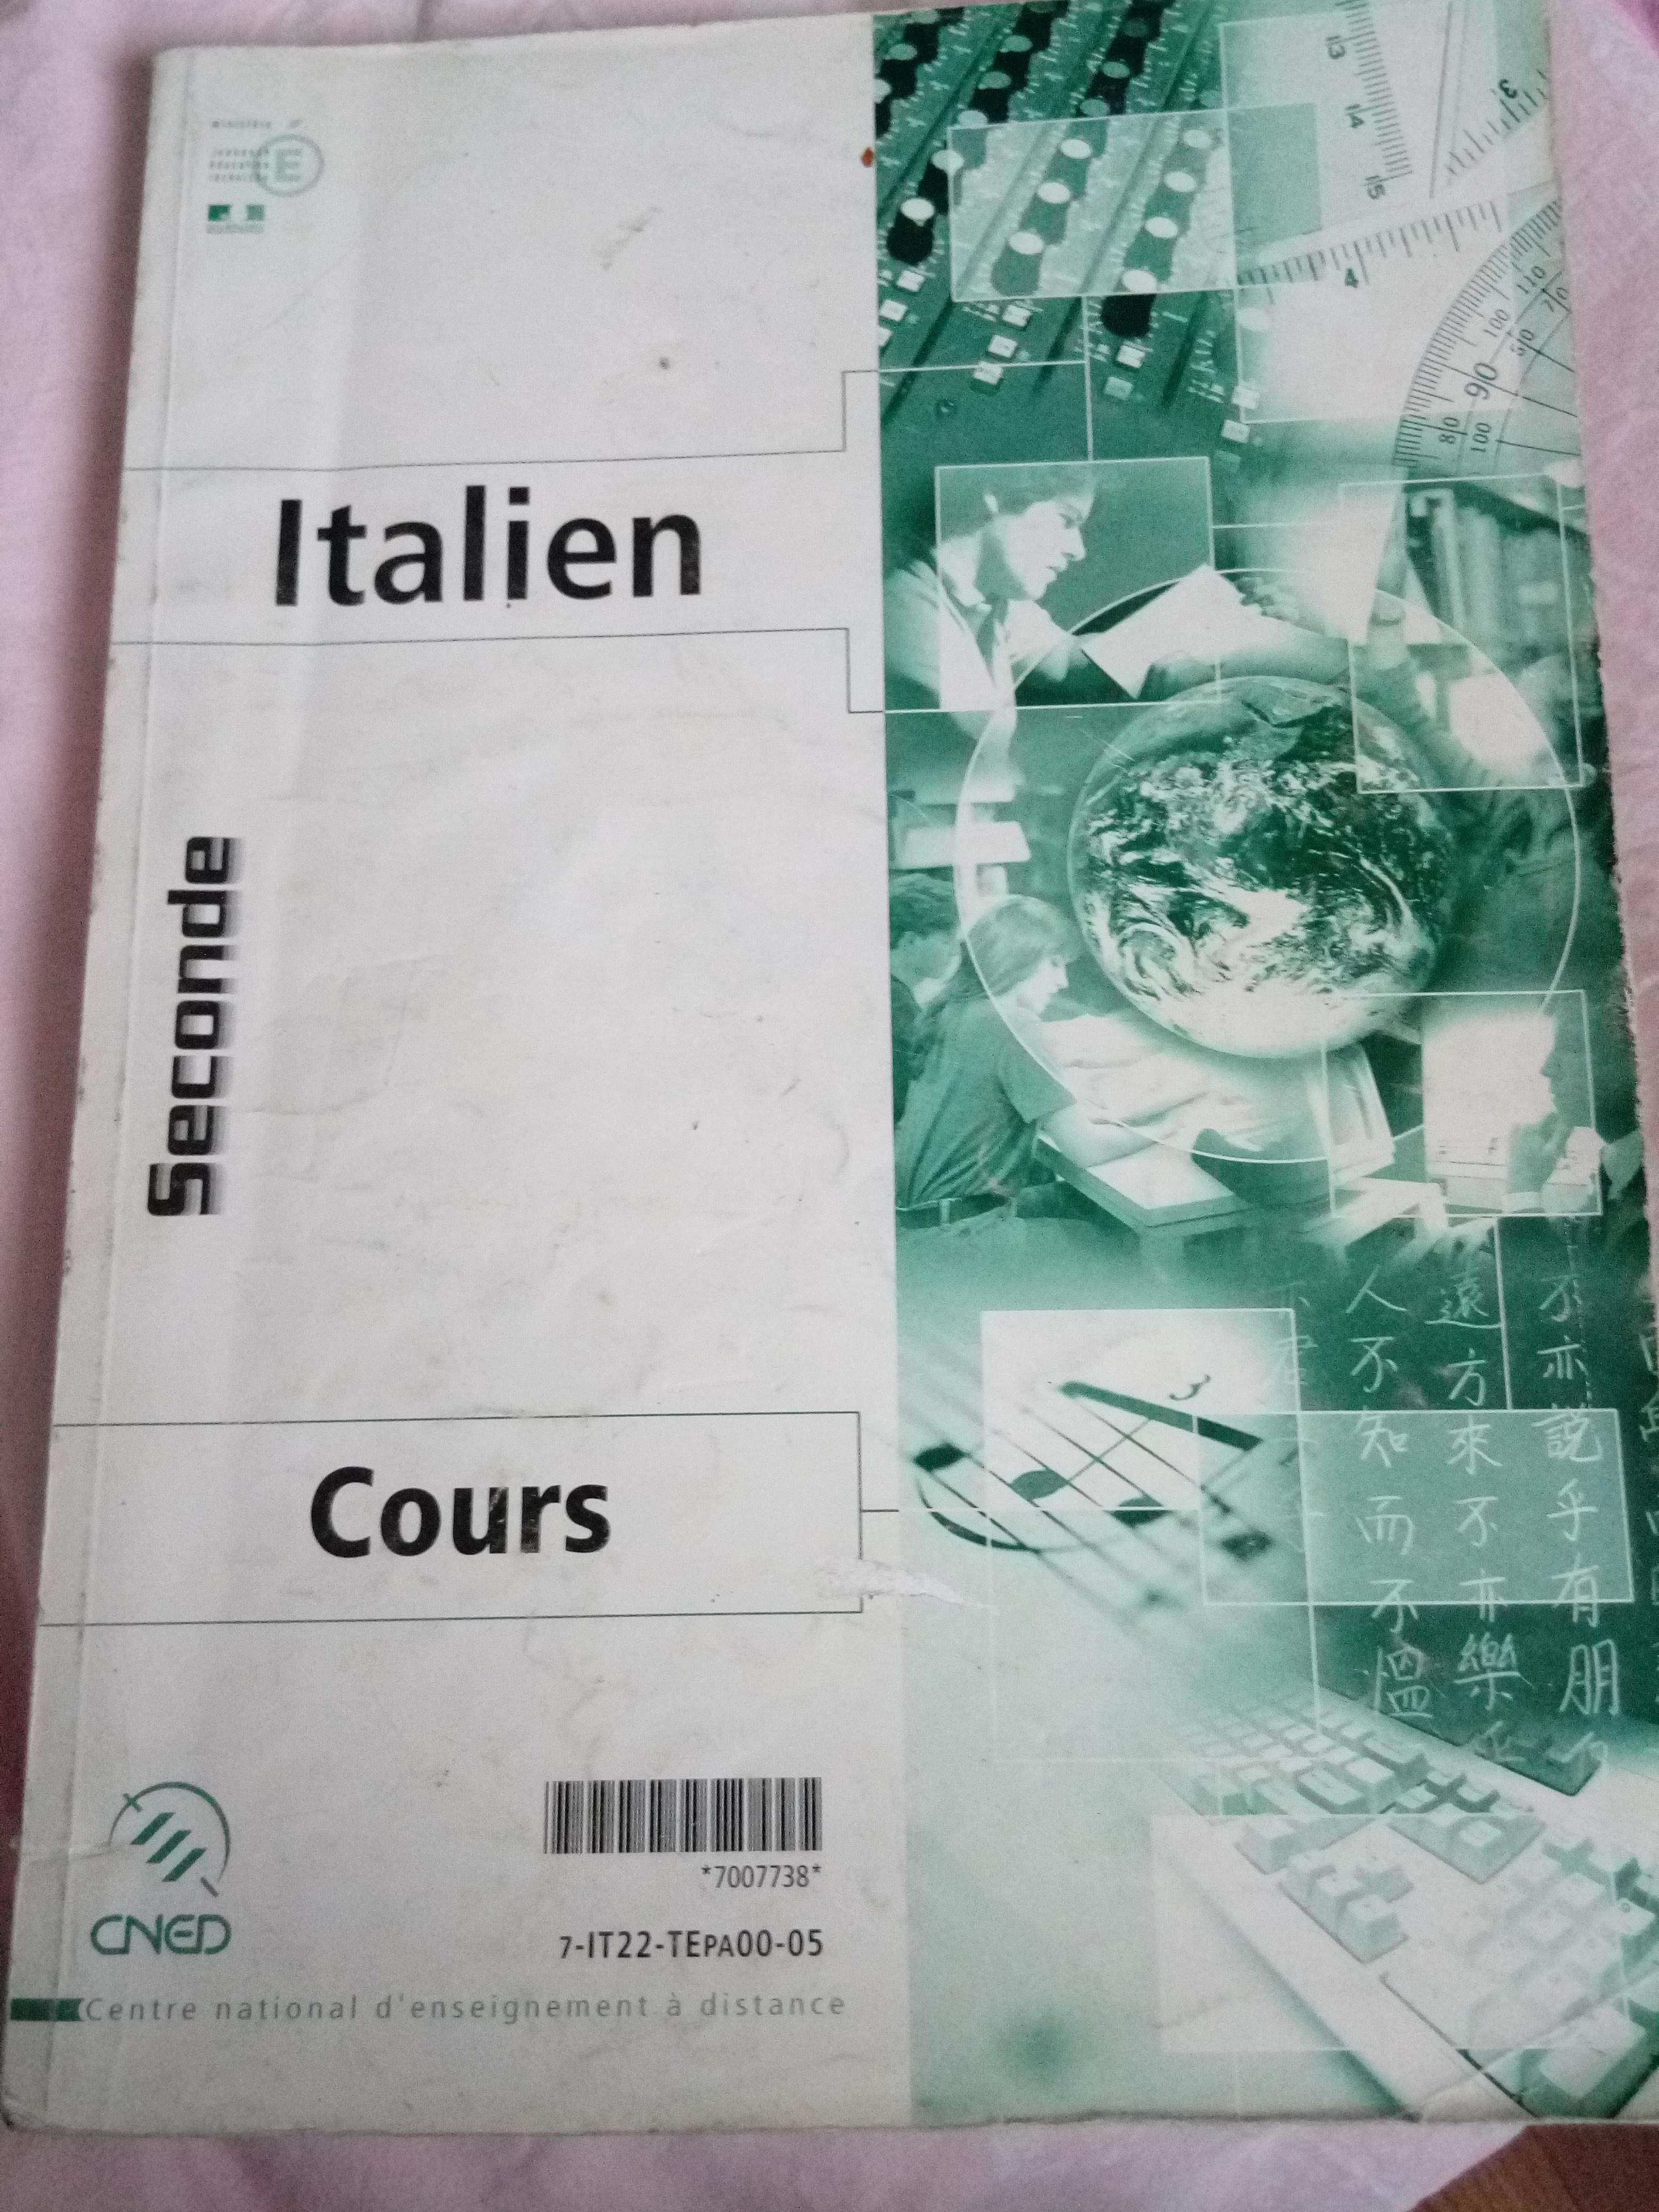 troc de troc cours italien cned niveau seconde image 0